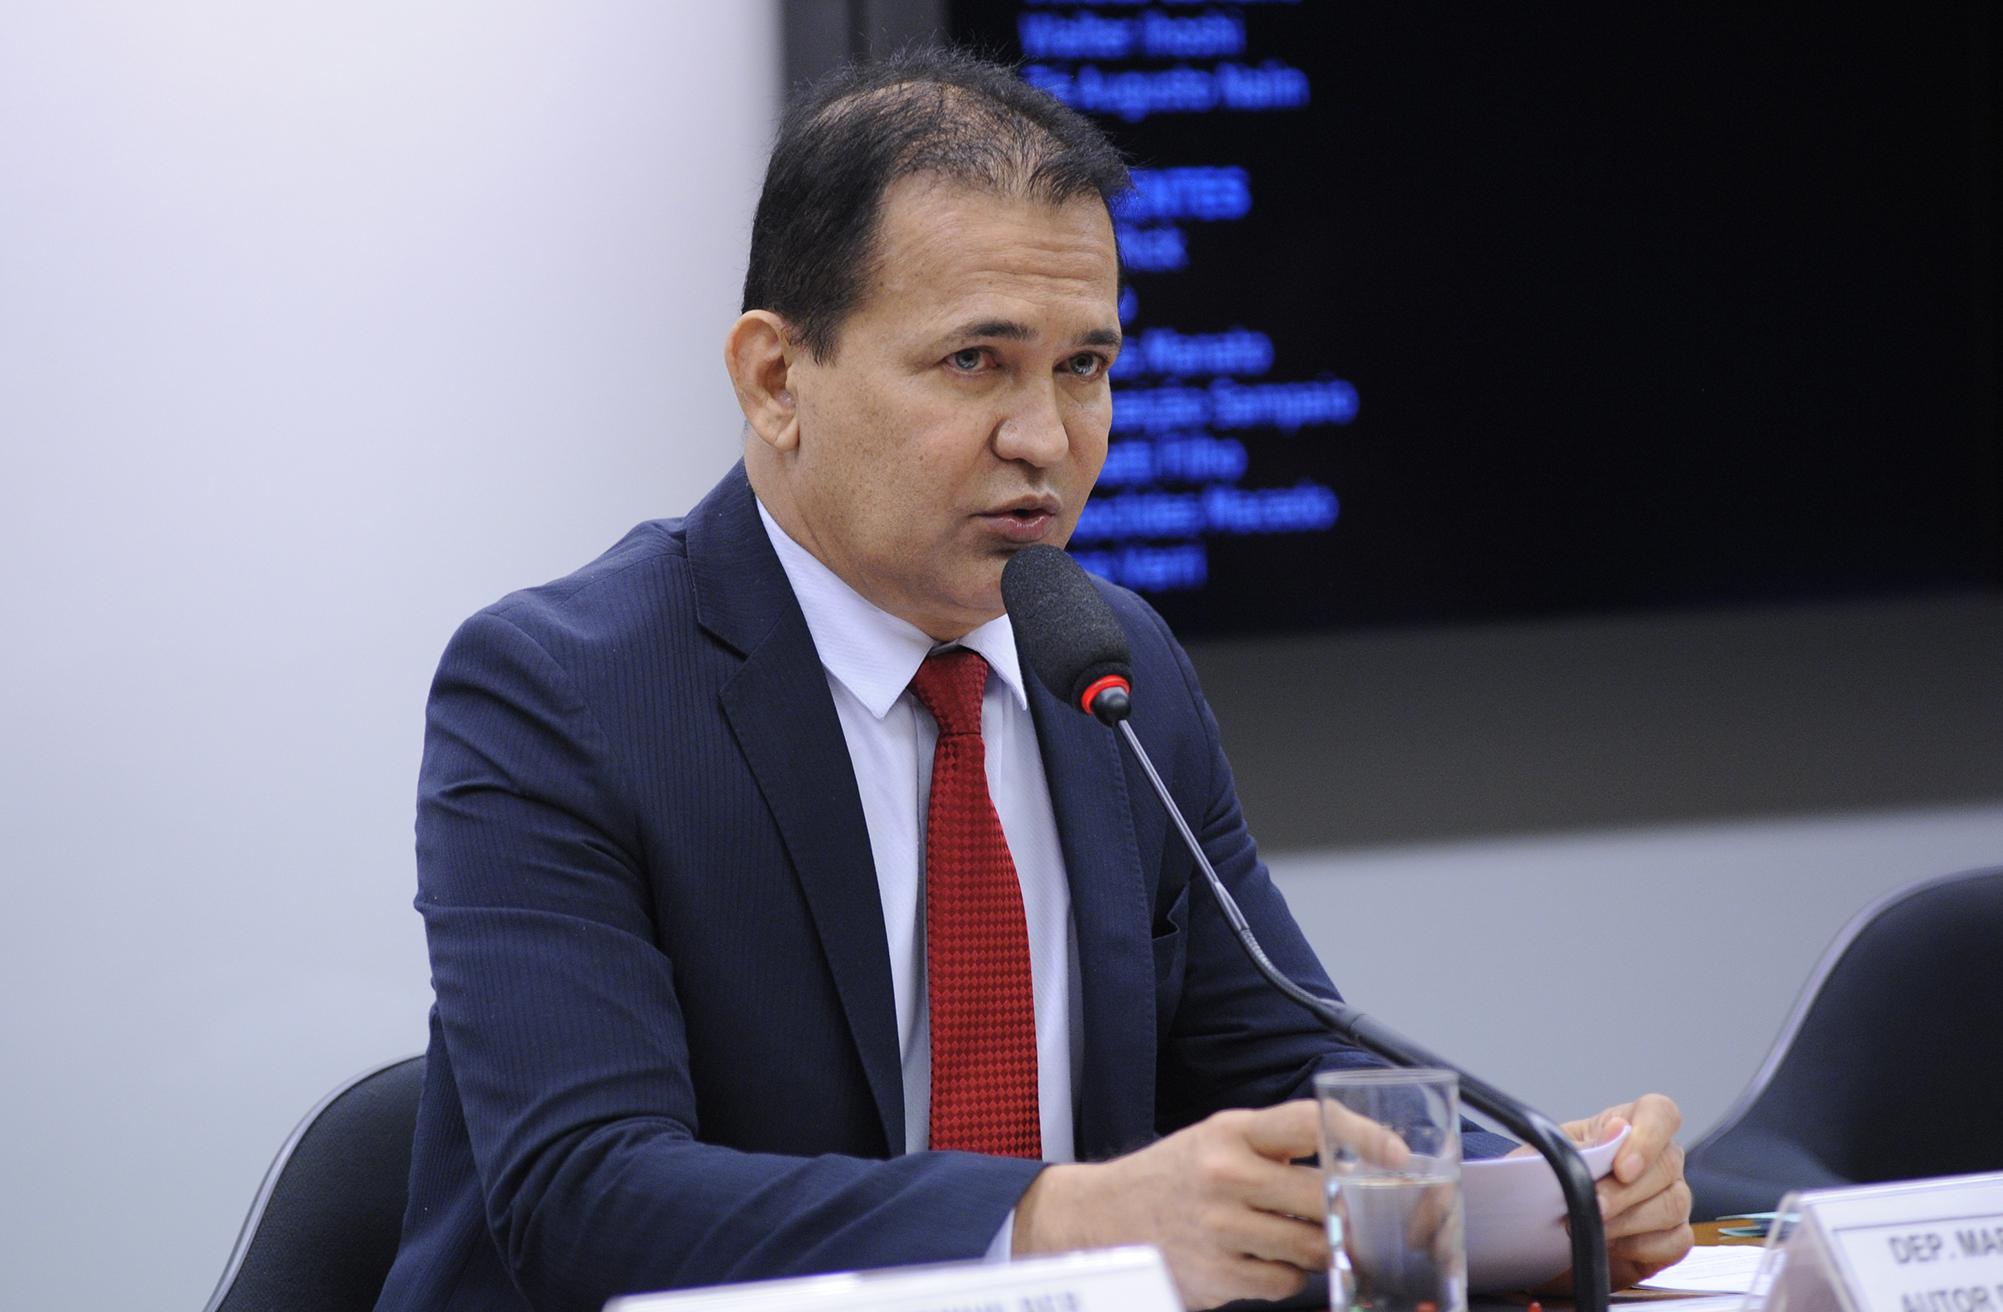 Desenvolvimento Econômico aprova incentivos da Zona Franca de Manaus para o Amapá